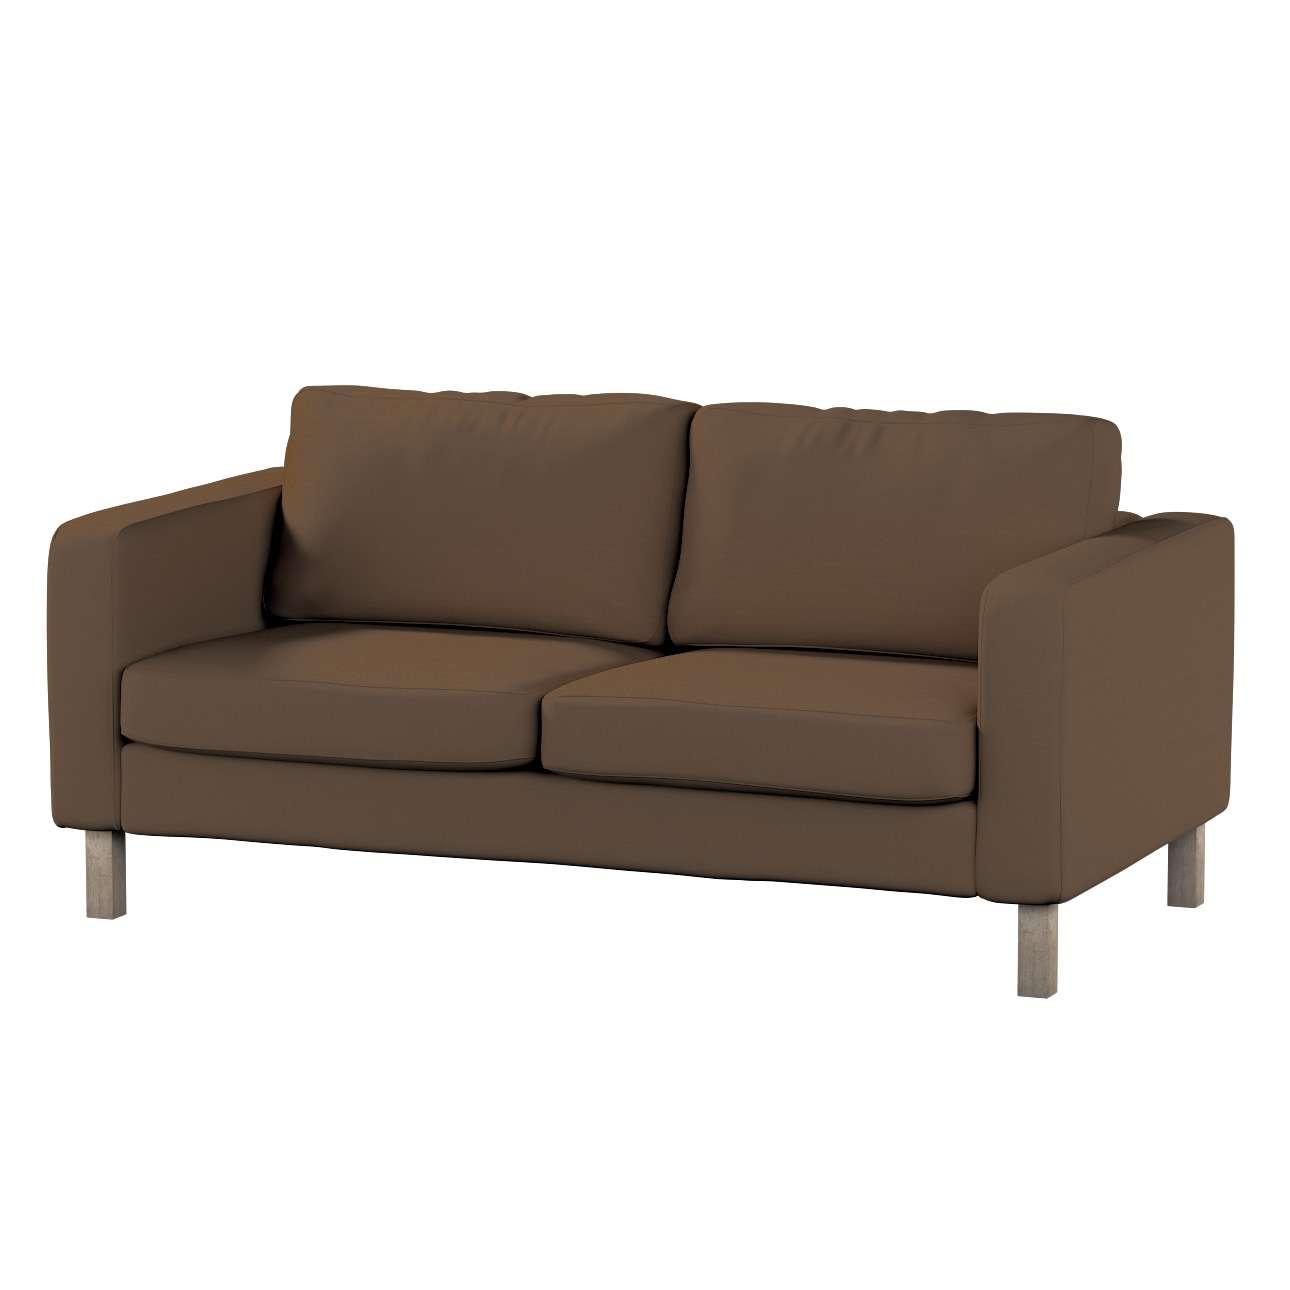 Potah na pohovku IKEA  Karlstad 2-místná, nerozkládací, krátký pohovka Karlstad 2-místná v kolekci Cotton Panama, látka: 702-02